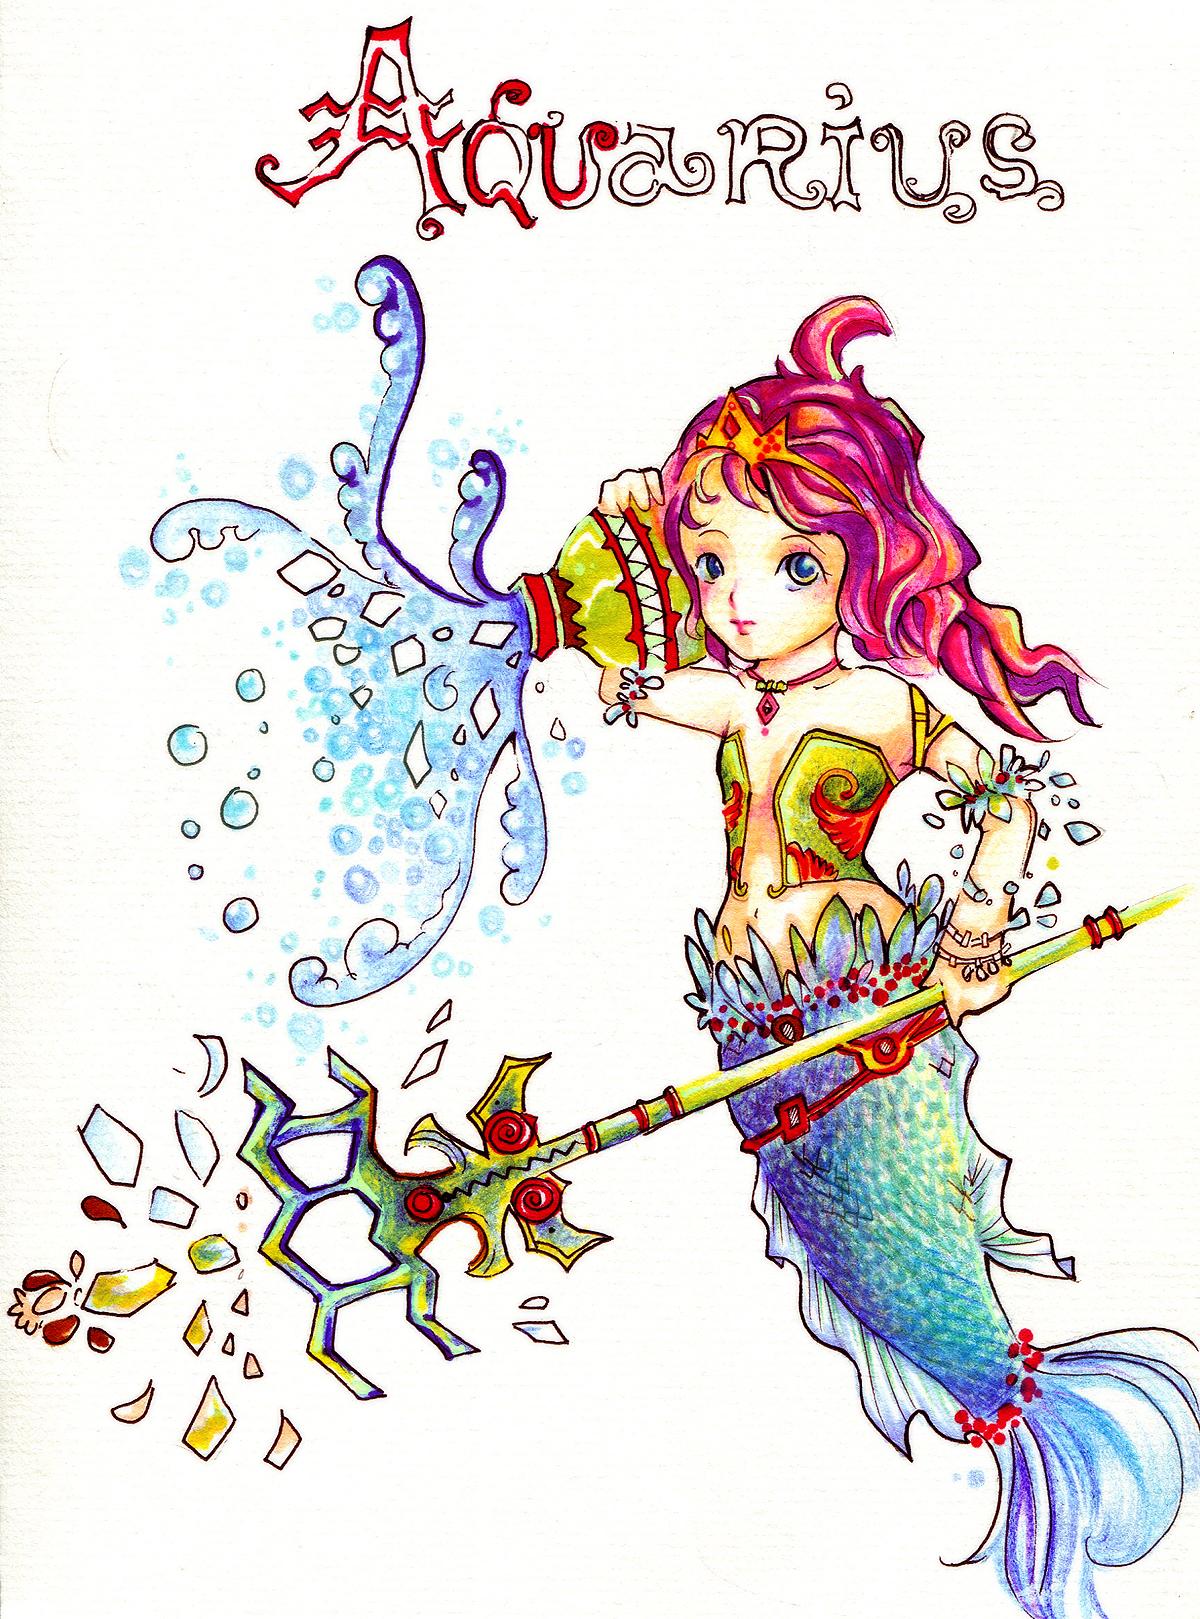 [Zodiac] Aquarius by DNclub17512 on DeviantArt  Anime Aquarius